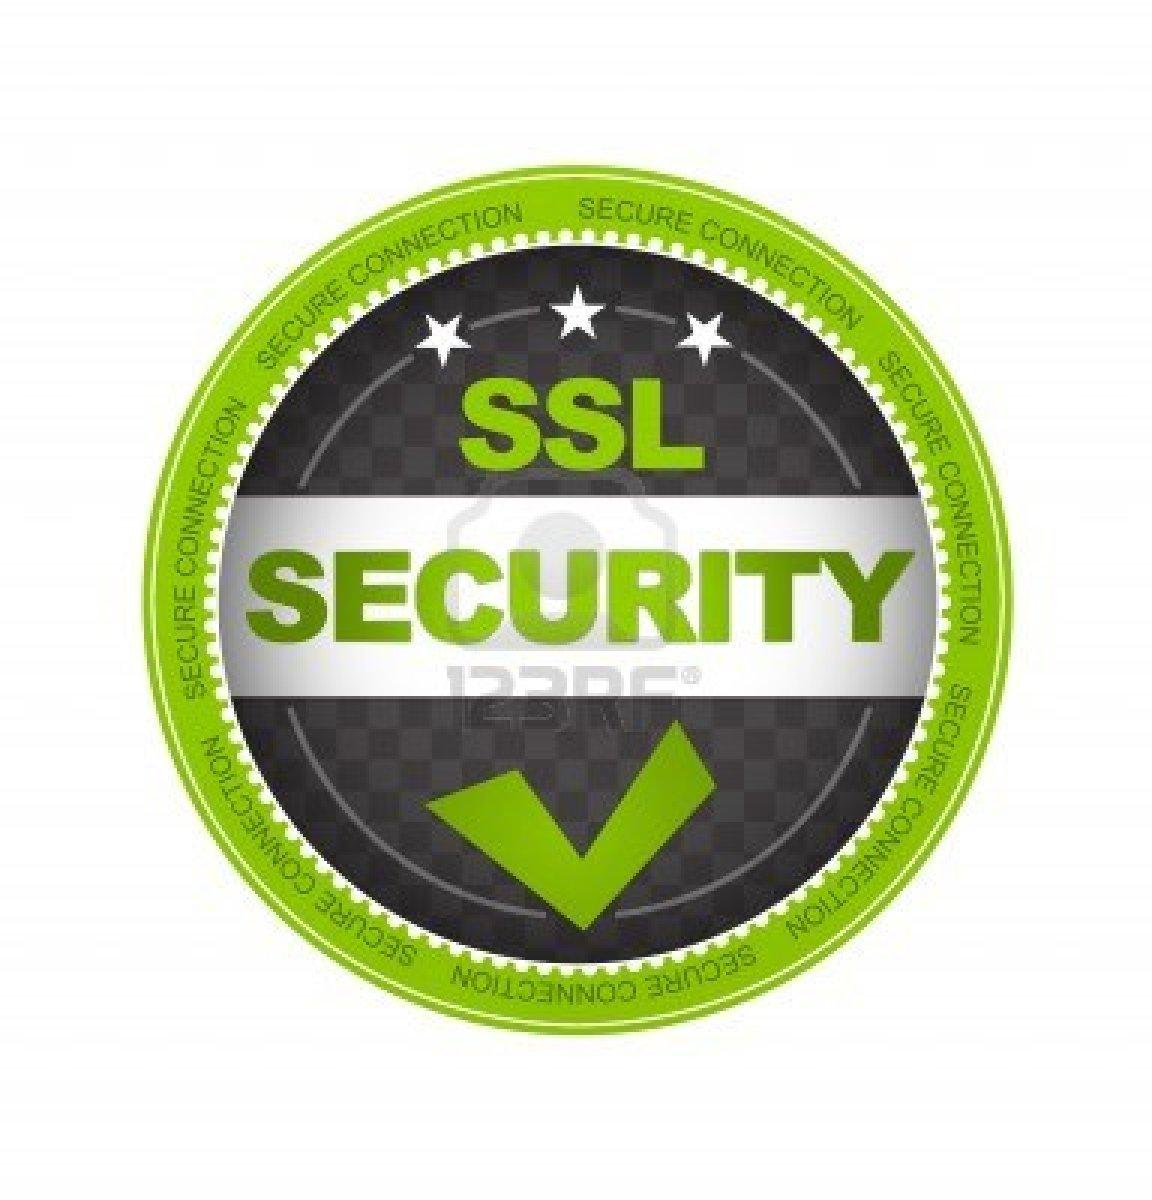 SSLMap, comprueba la seguridad de tu SSL